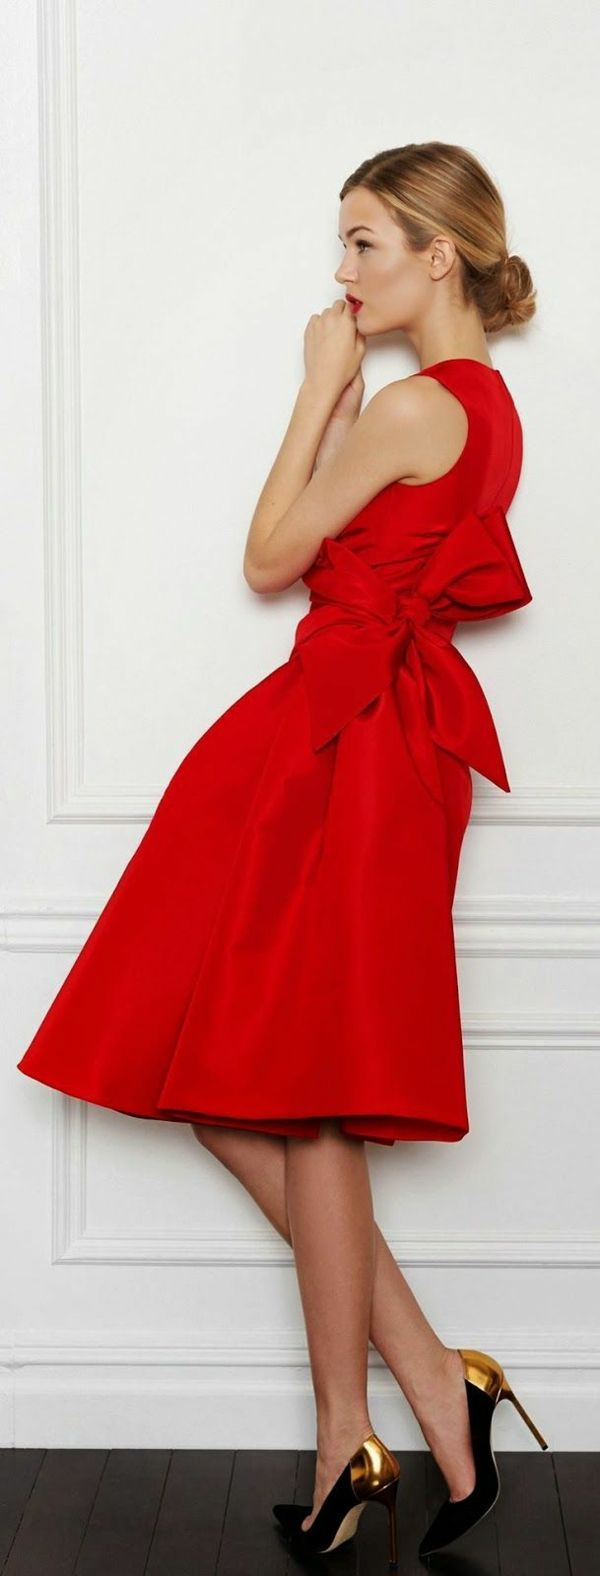 Rotes Kleid kaufen: welche Frauen tragen gern Rot?  Kurzes